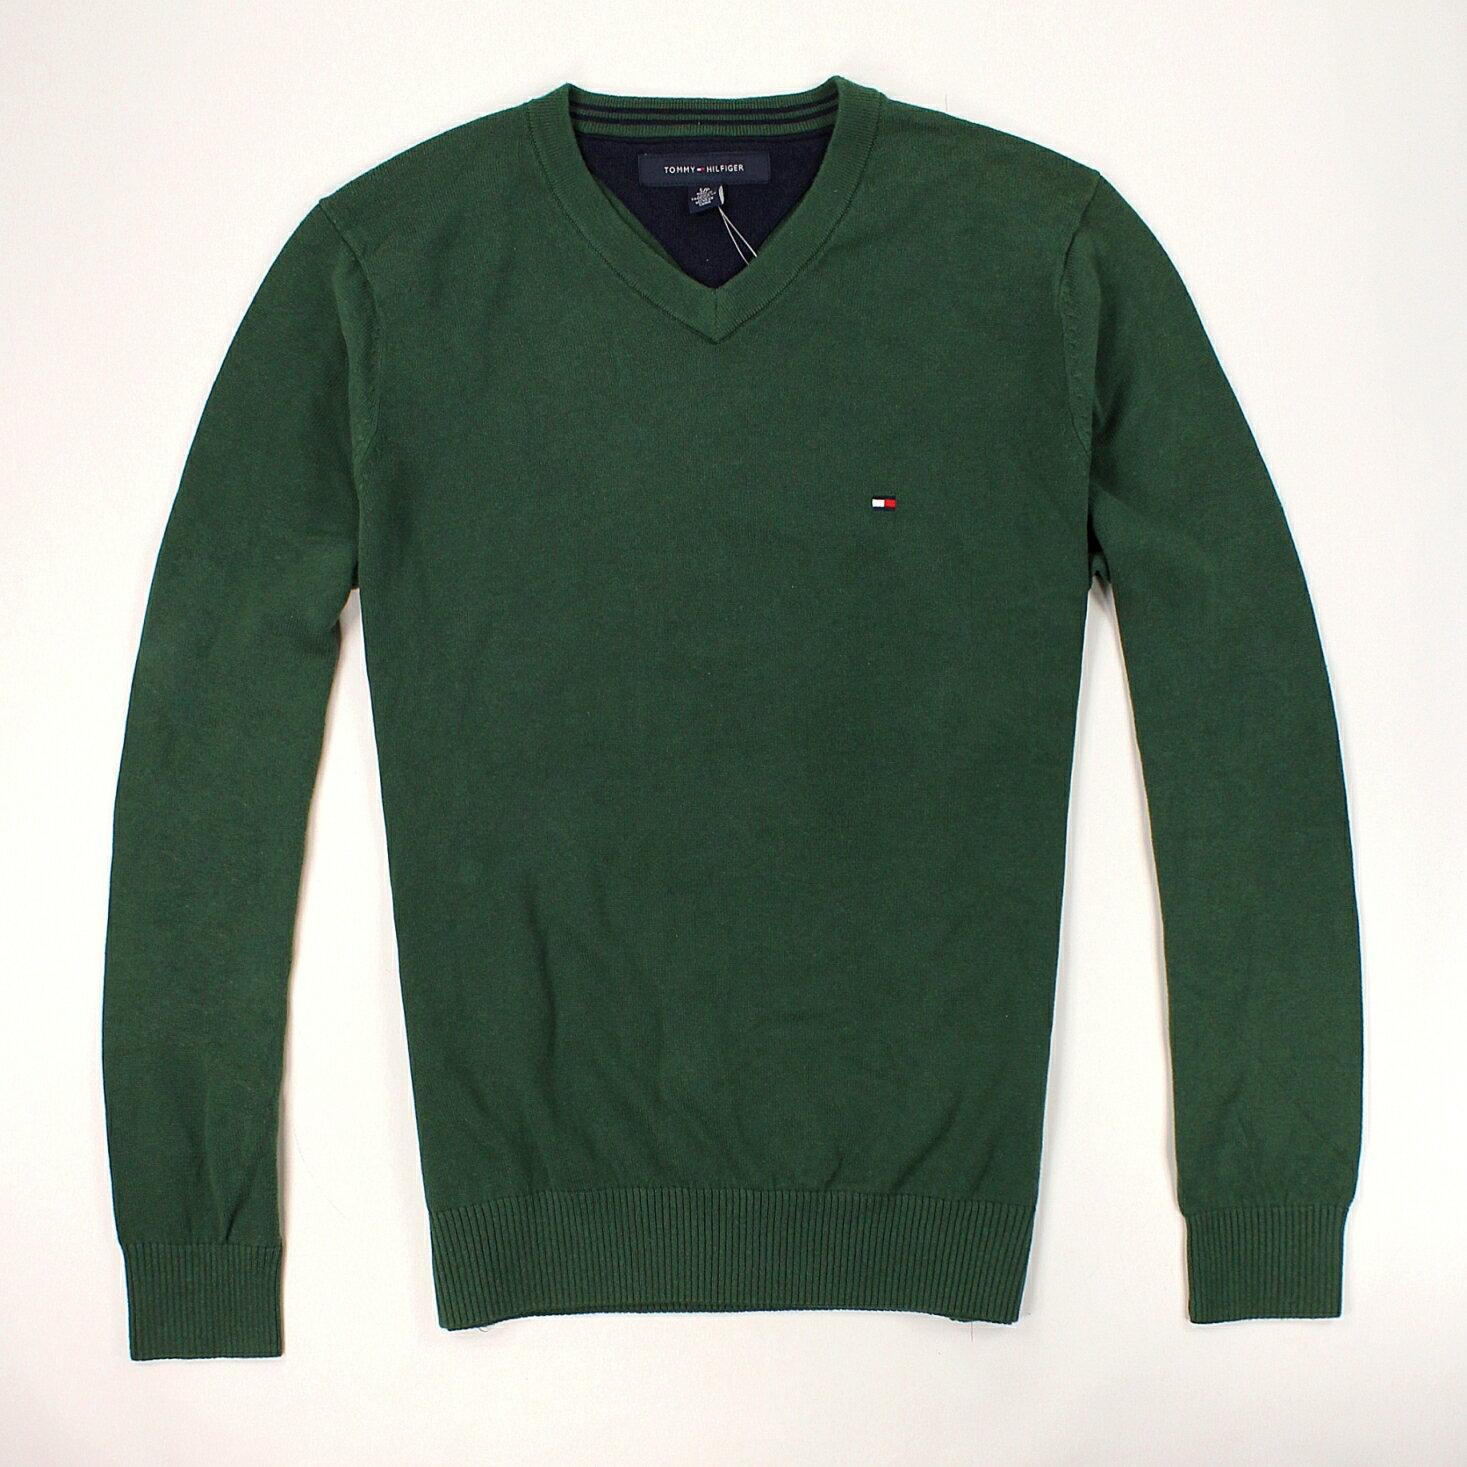 美國百分百【全新真品】Tommy Hilfiger 針織衫 TH 線衫 V領 素面 純棉 毛衣 男衣 深綠 S號 B606